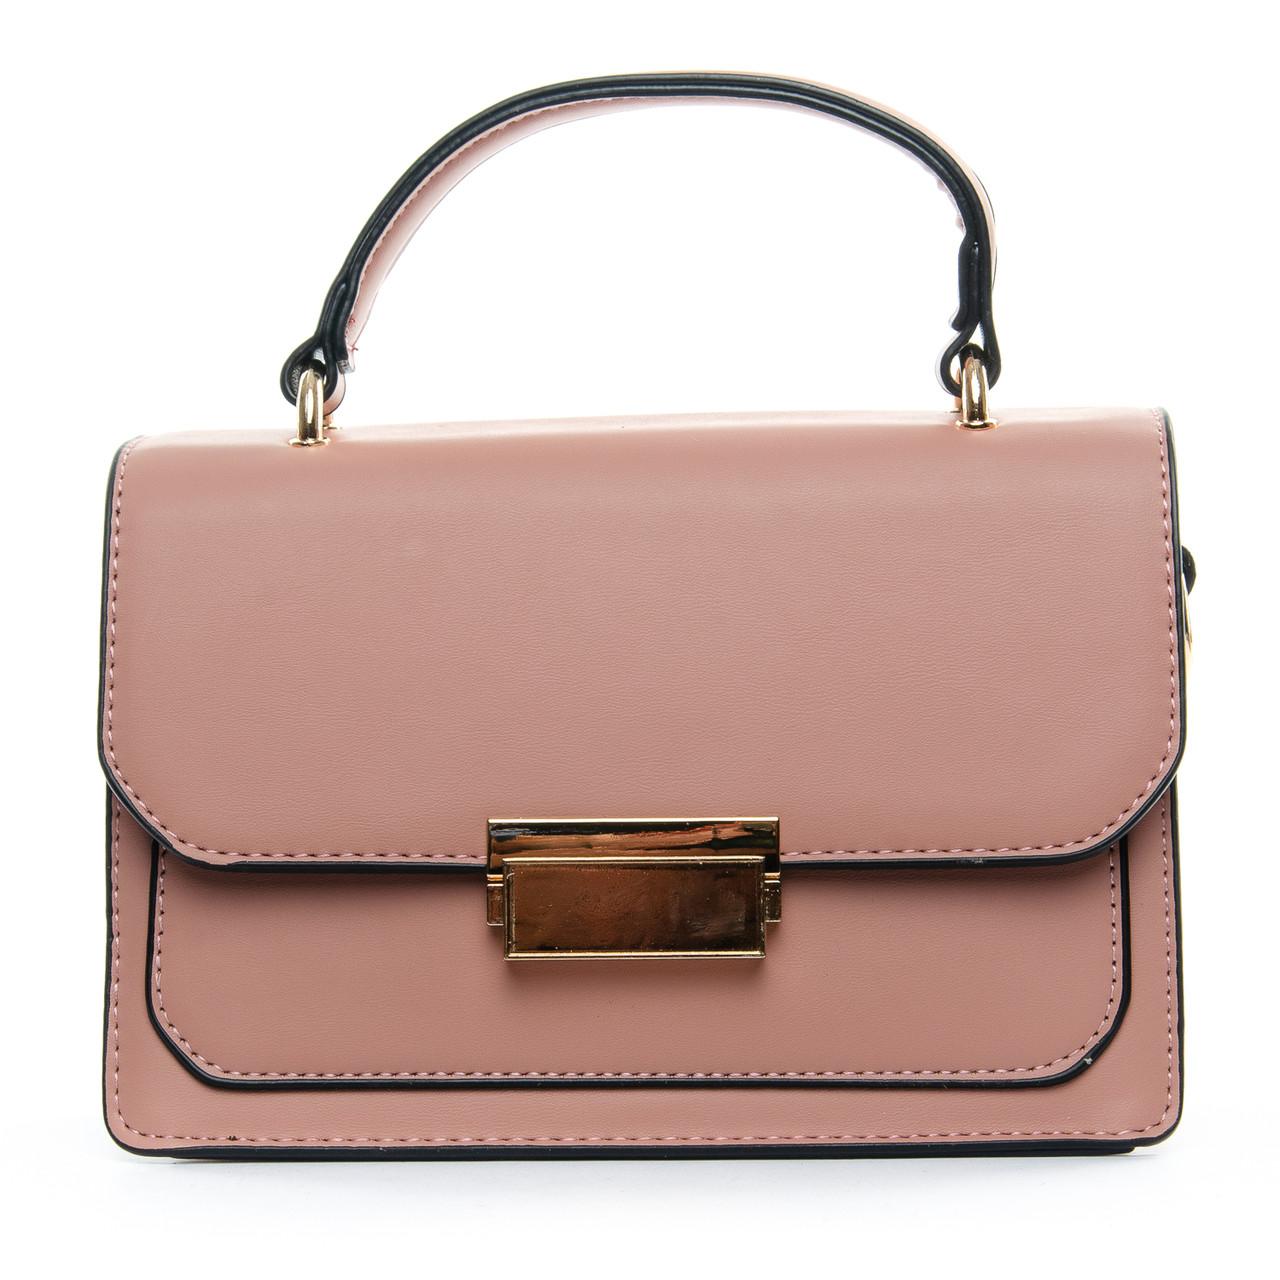 Сумка Женская Клатч иск-кожа 1-01 3009 pink